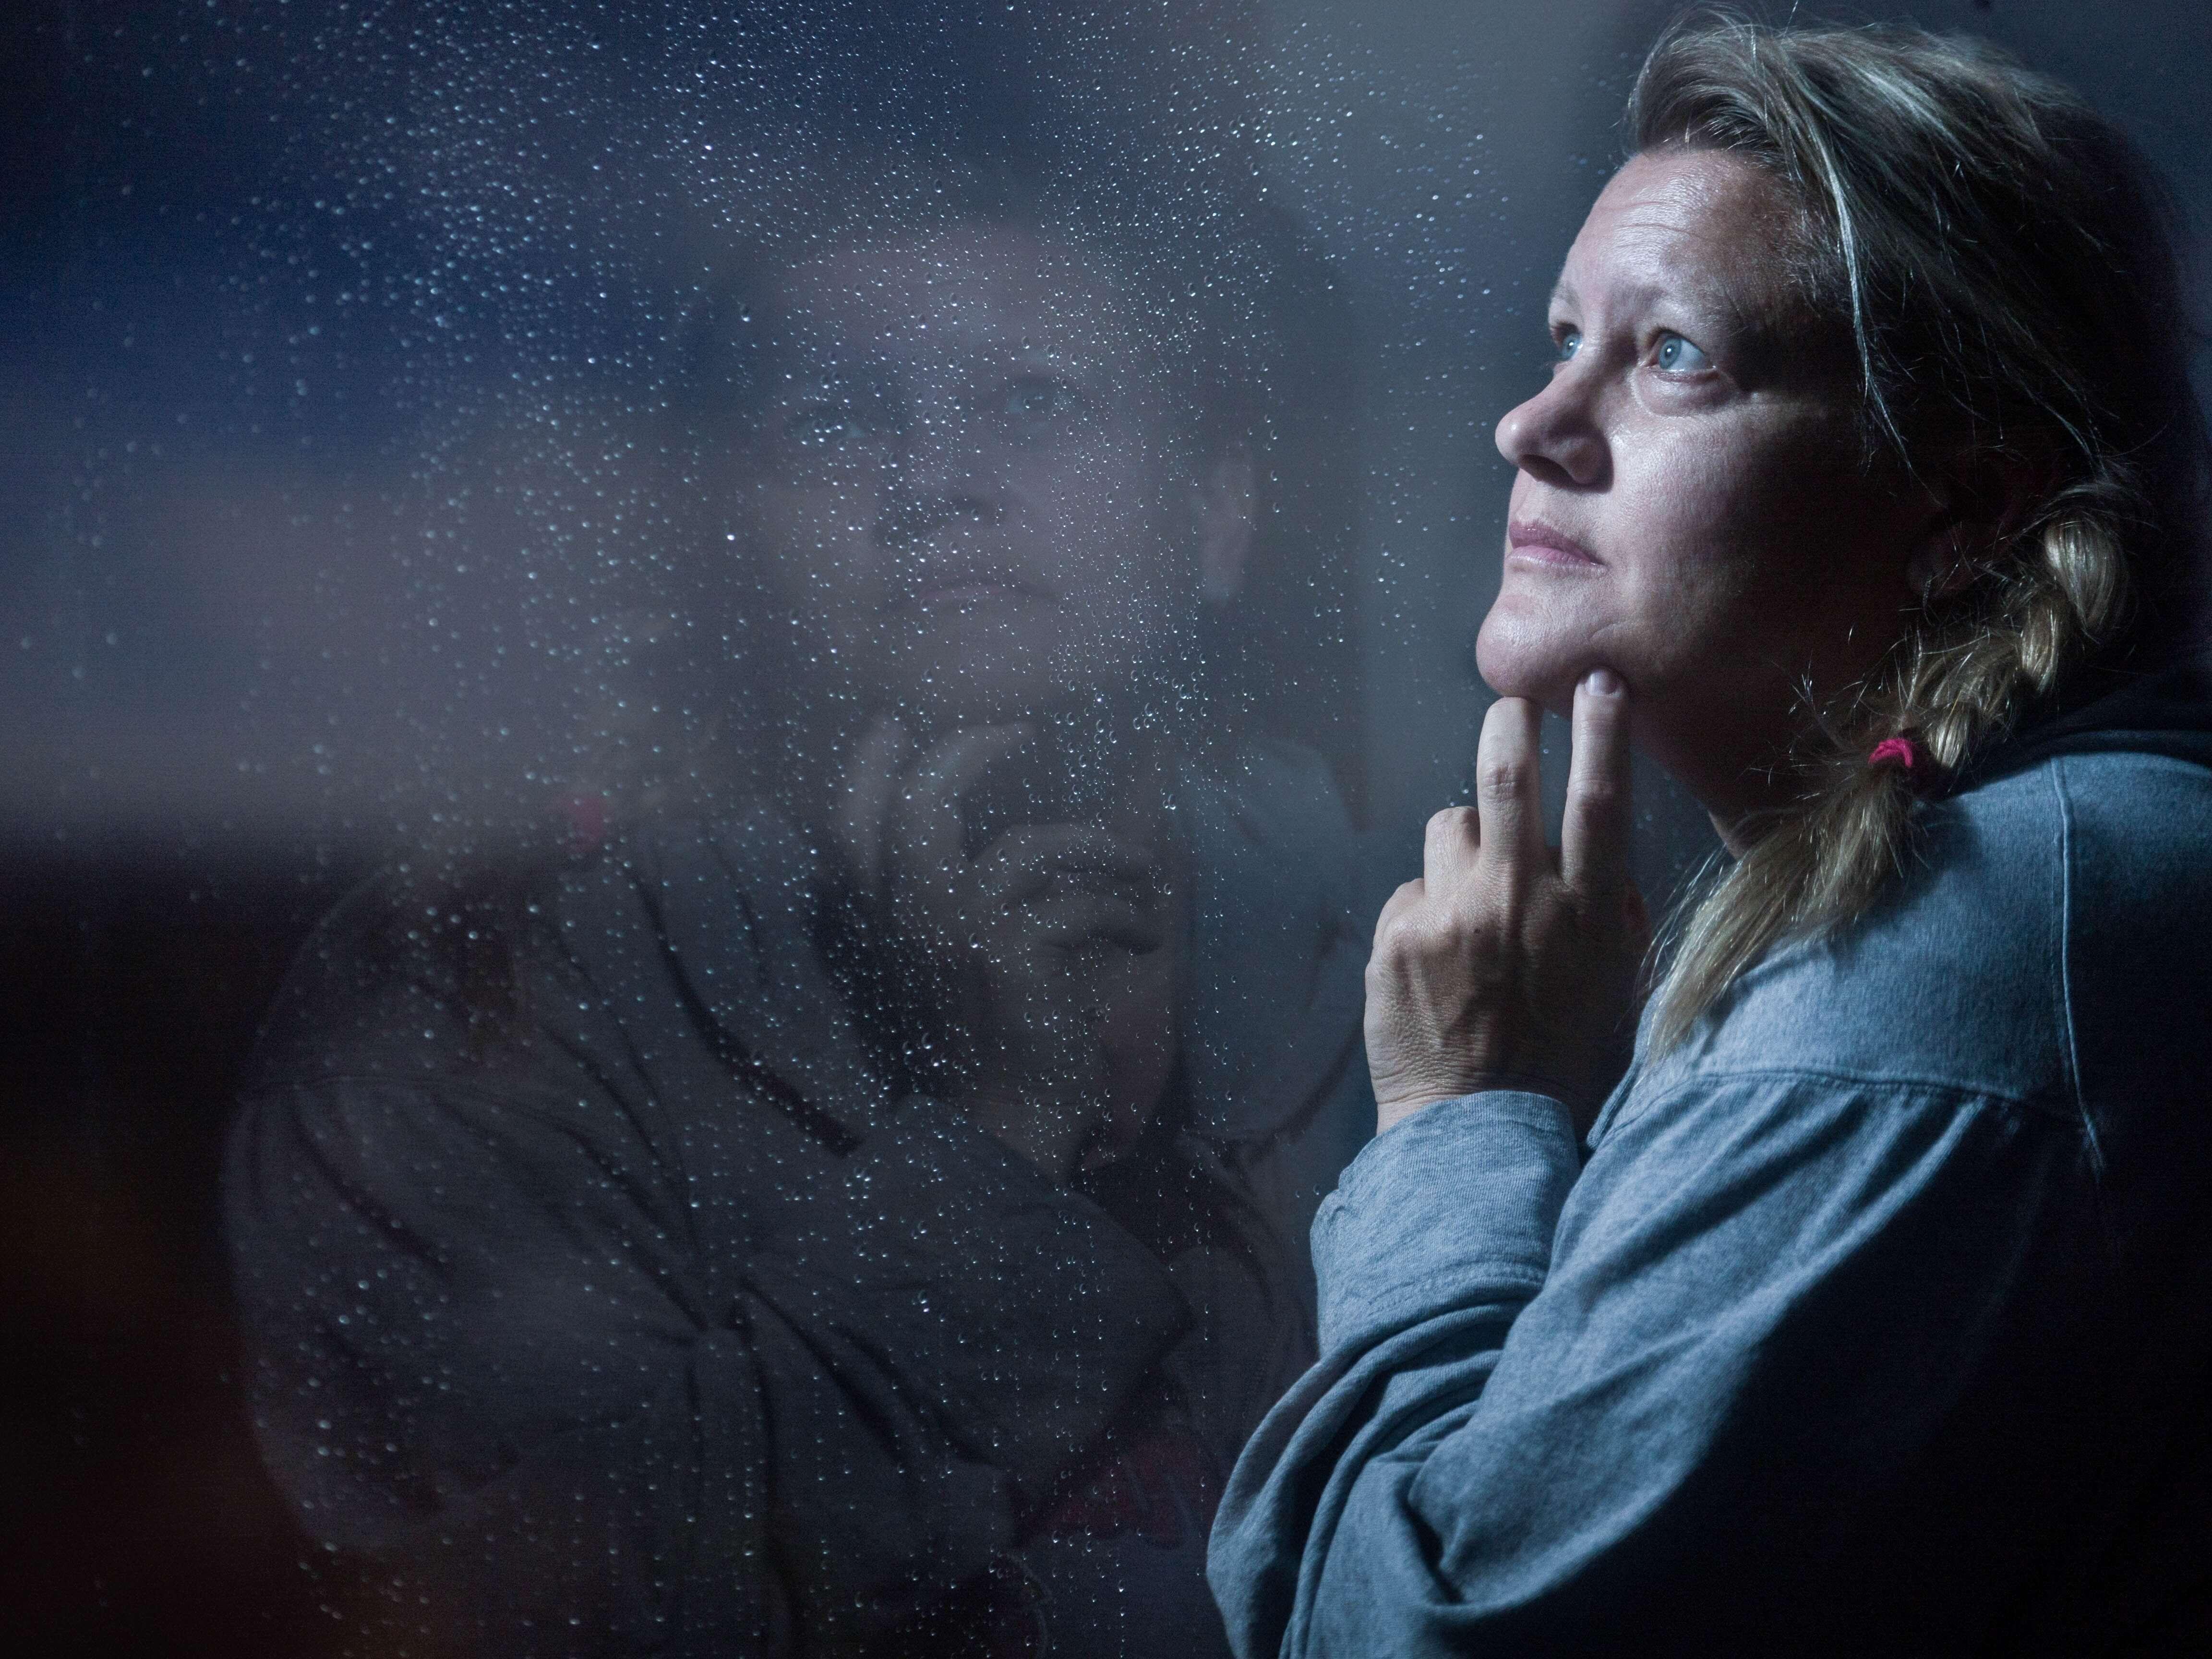 piekeren ongelukkig depressief angst